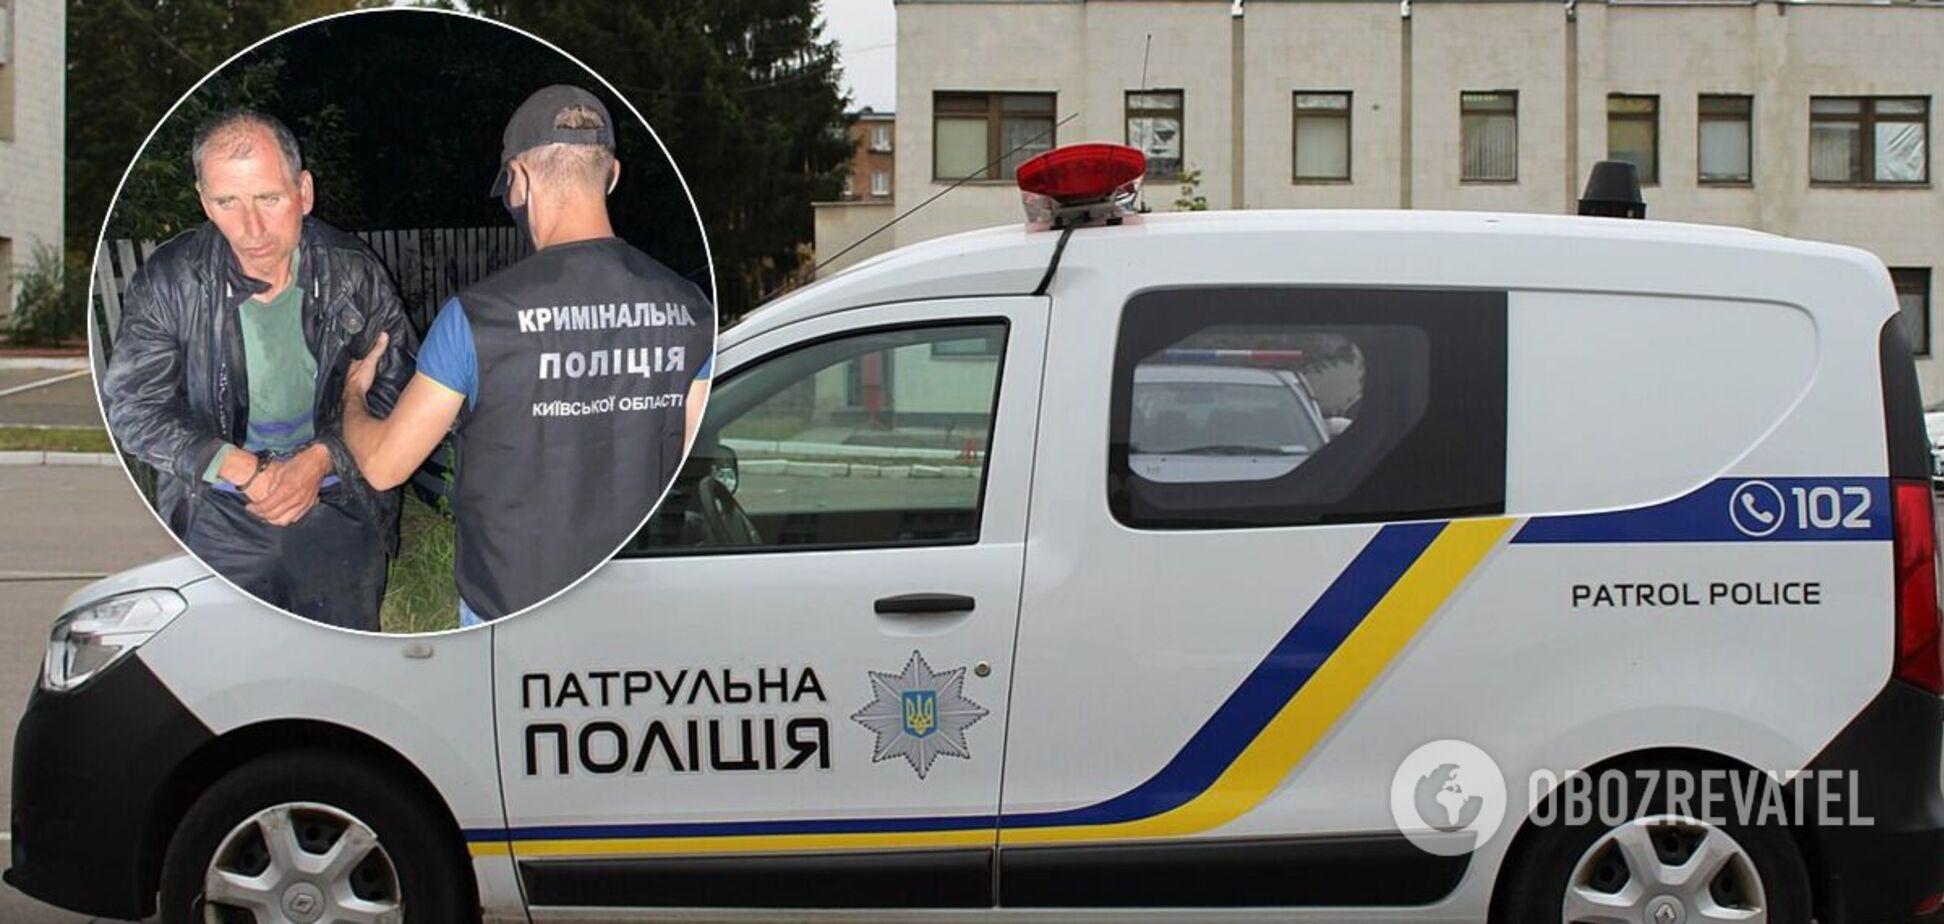 В полиции рассказали подробности о подозреваемом в убийстве сотрудницы ВРУ